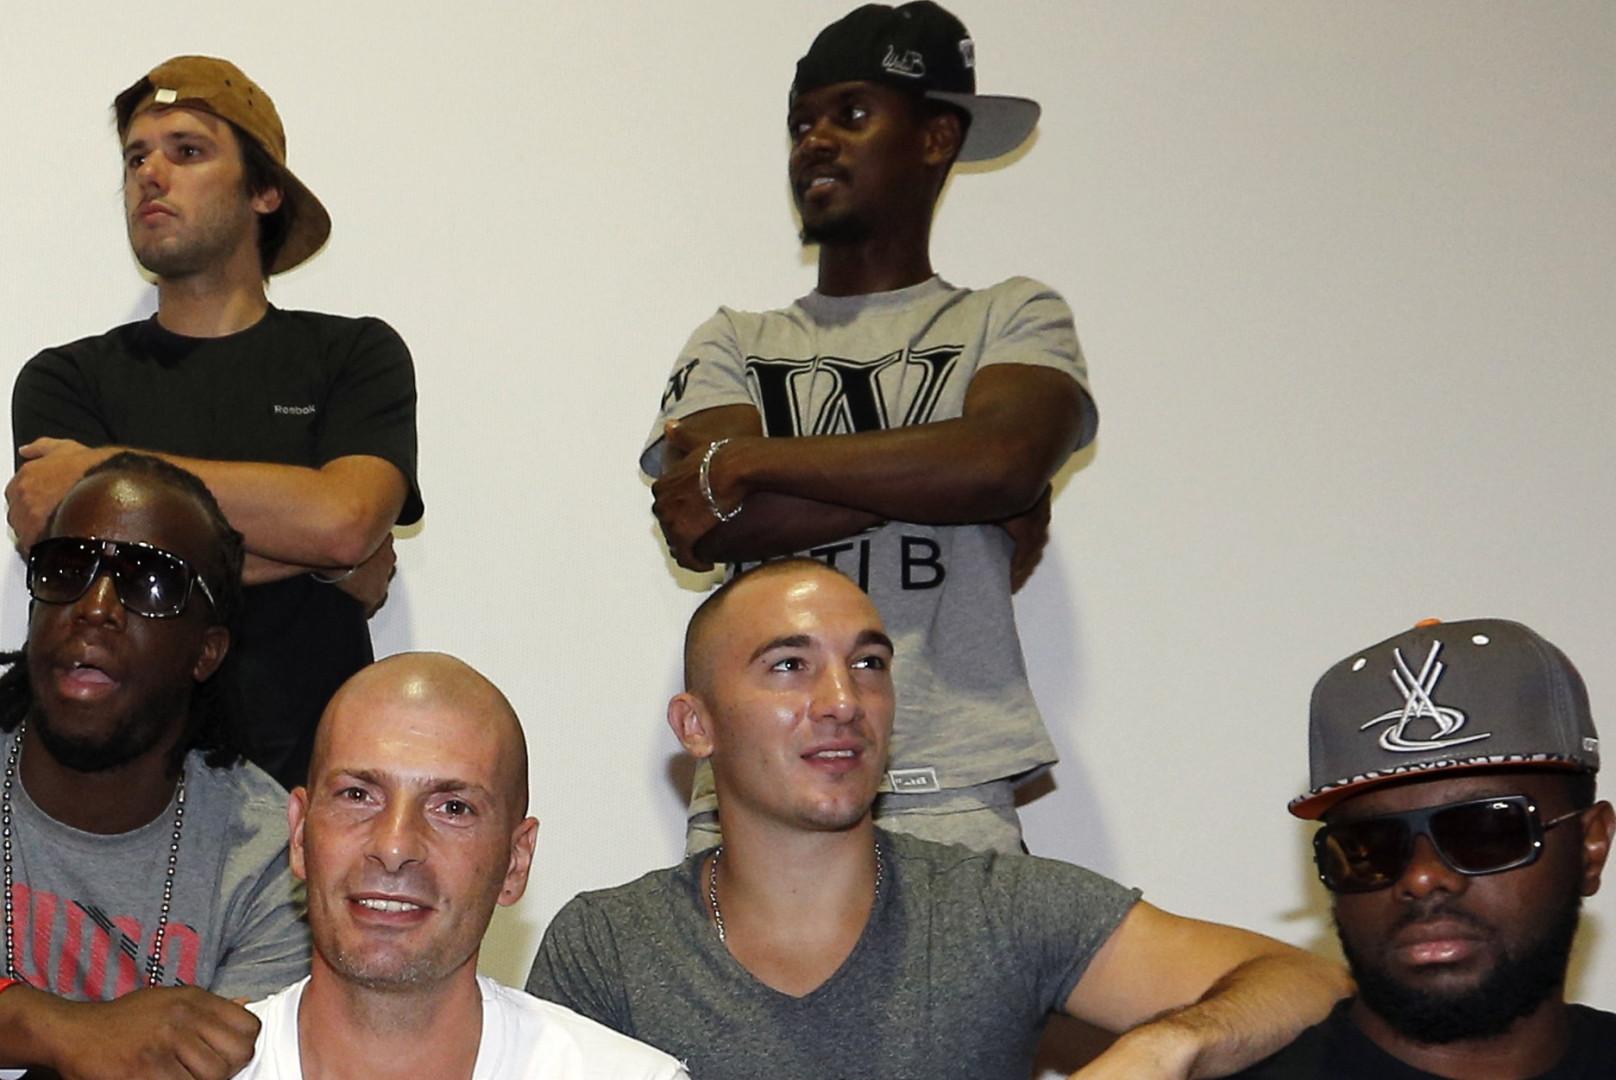 Black M, ici en compagnie d'autres rappeurs, est nommé dans deux catégories